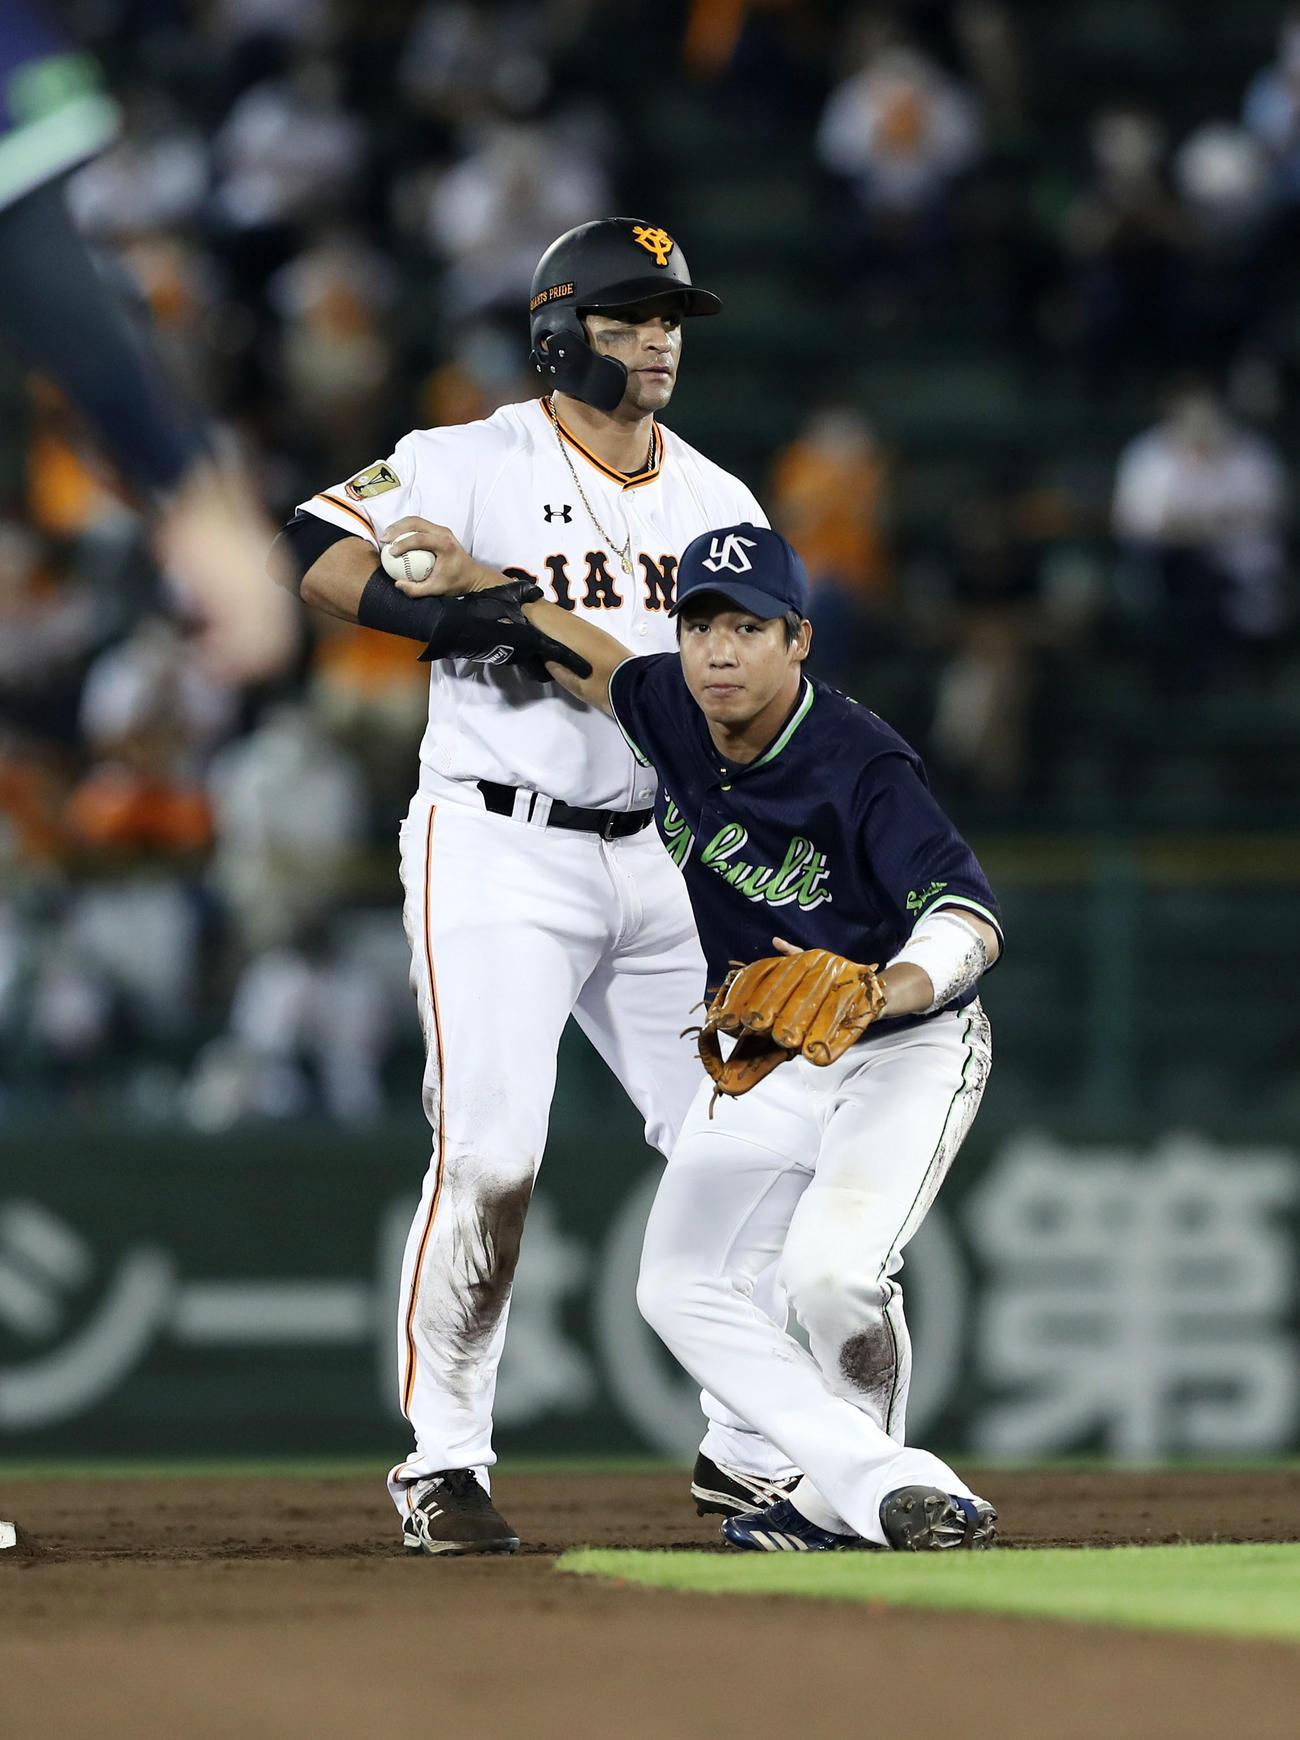 炭谷の遊ゴロで二塁へ滑りこんだパーラ(左)は、高津監督のリクエストにより守備妨害と判定される。右は二塁手山田哲(撮影・前田充)